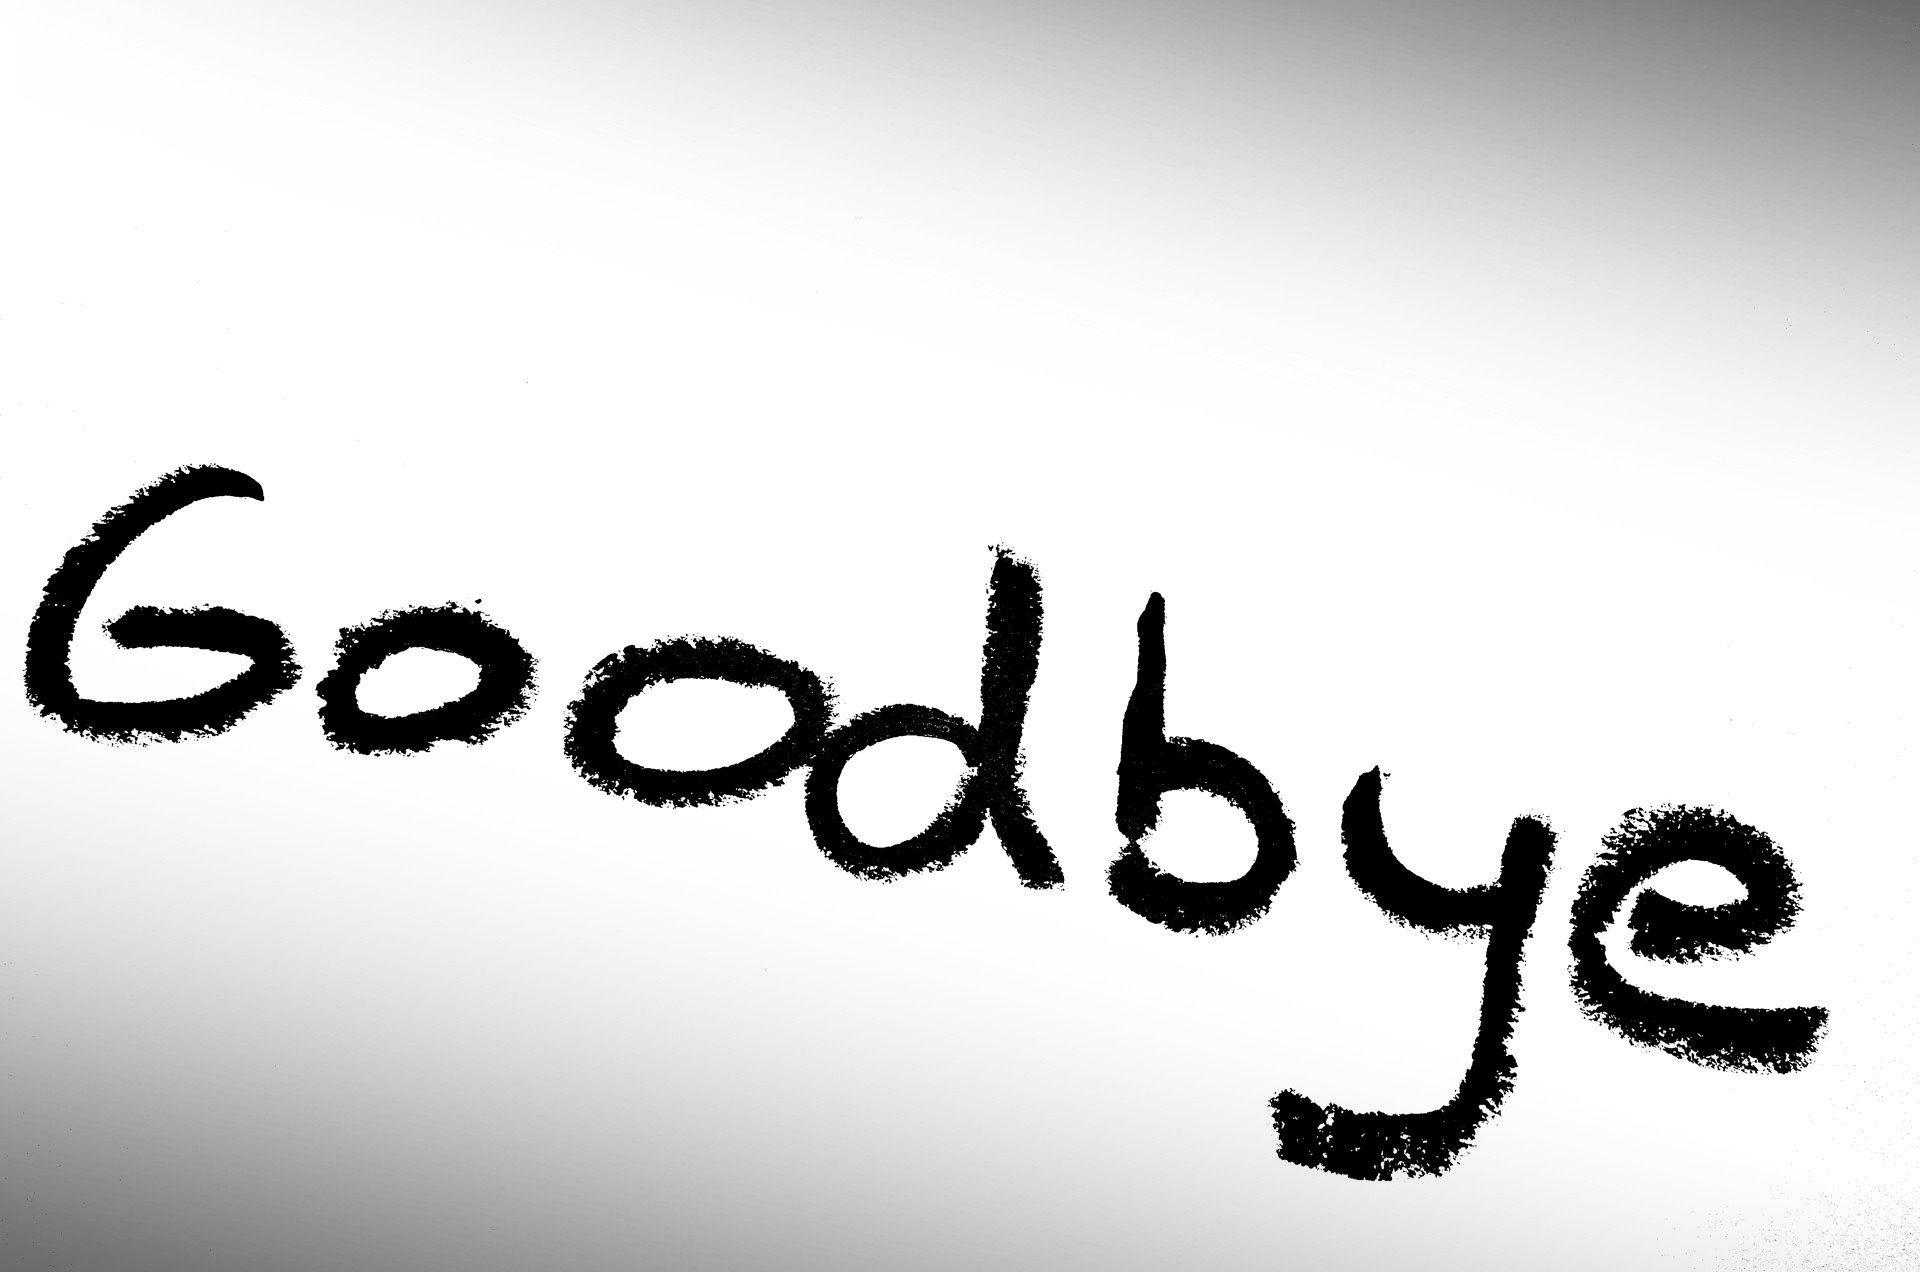 картинки прощания на английскому своей новой